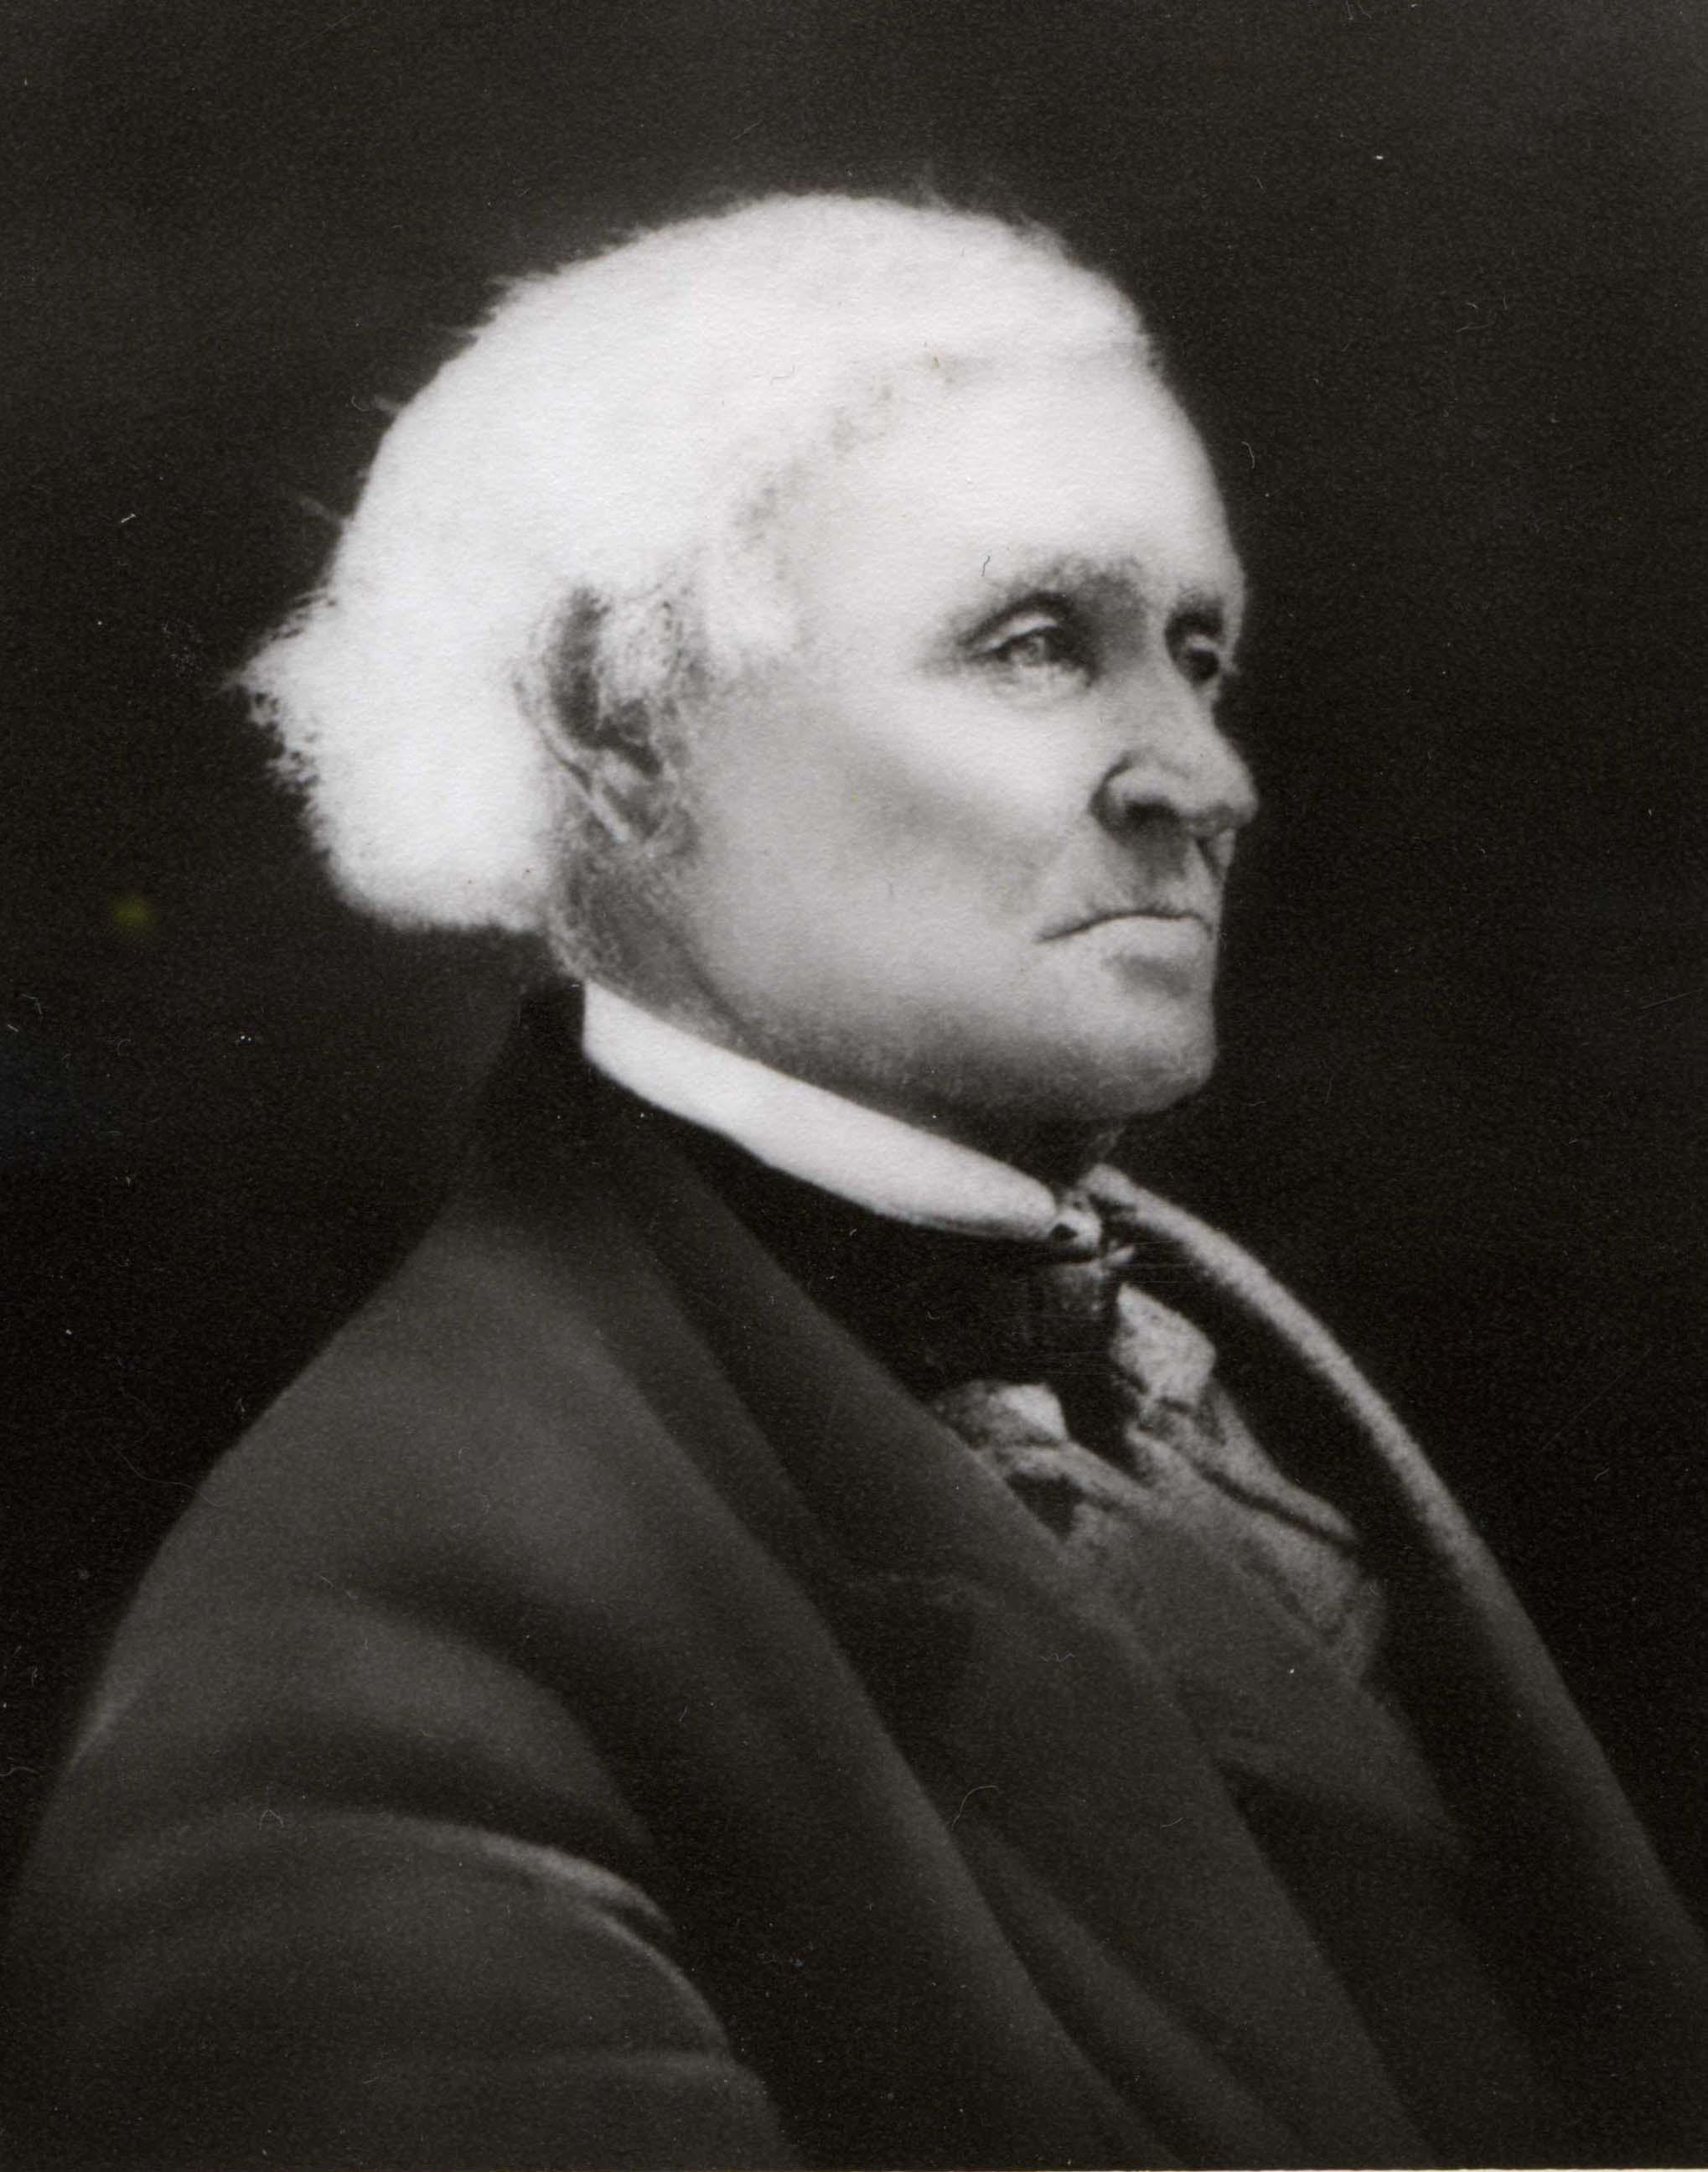 a mature R.B. Sutton